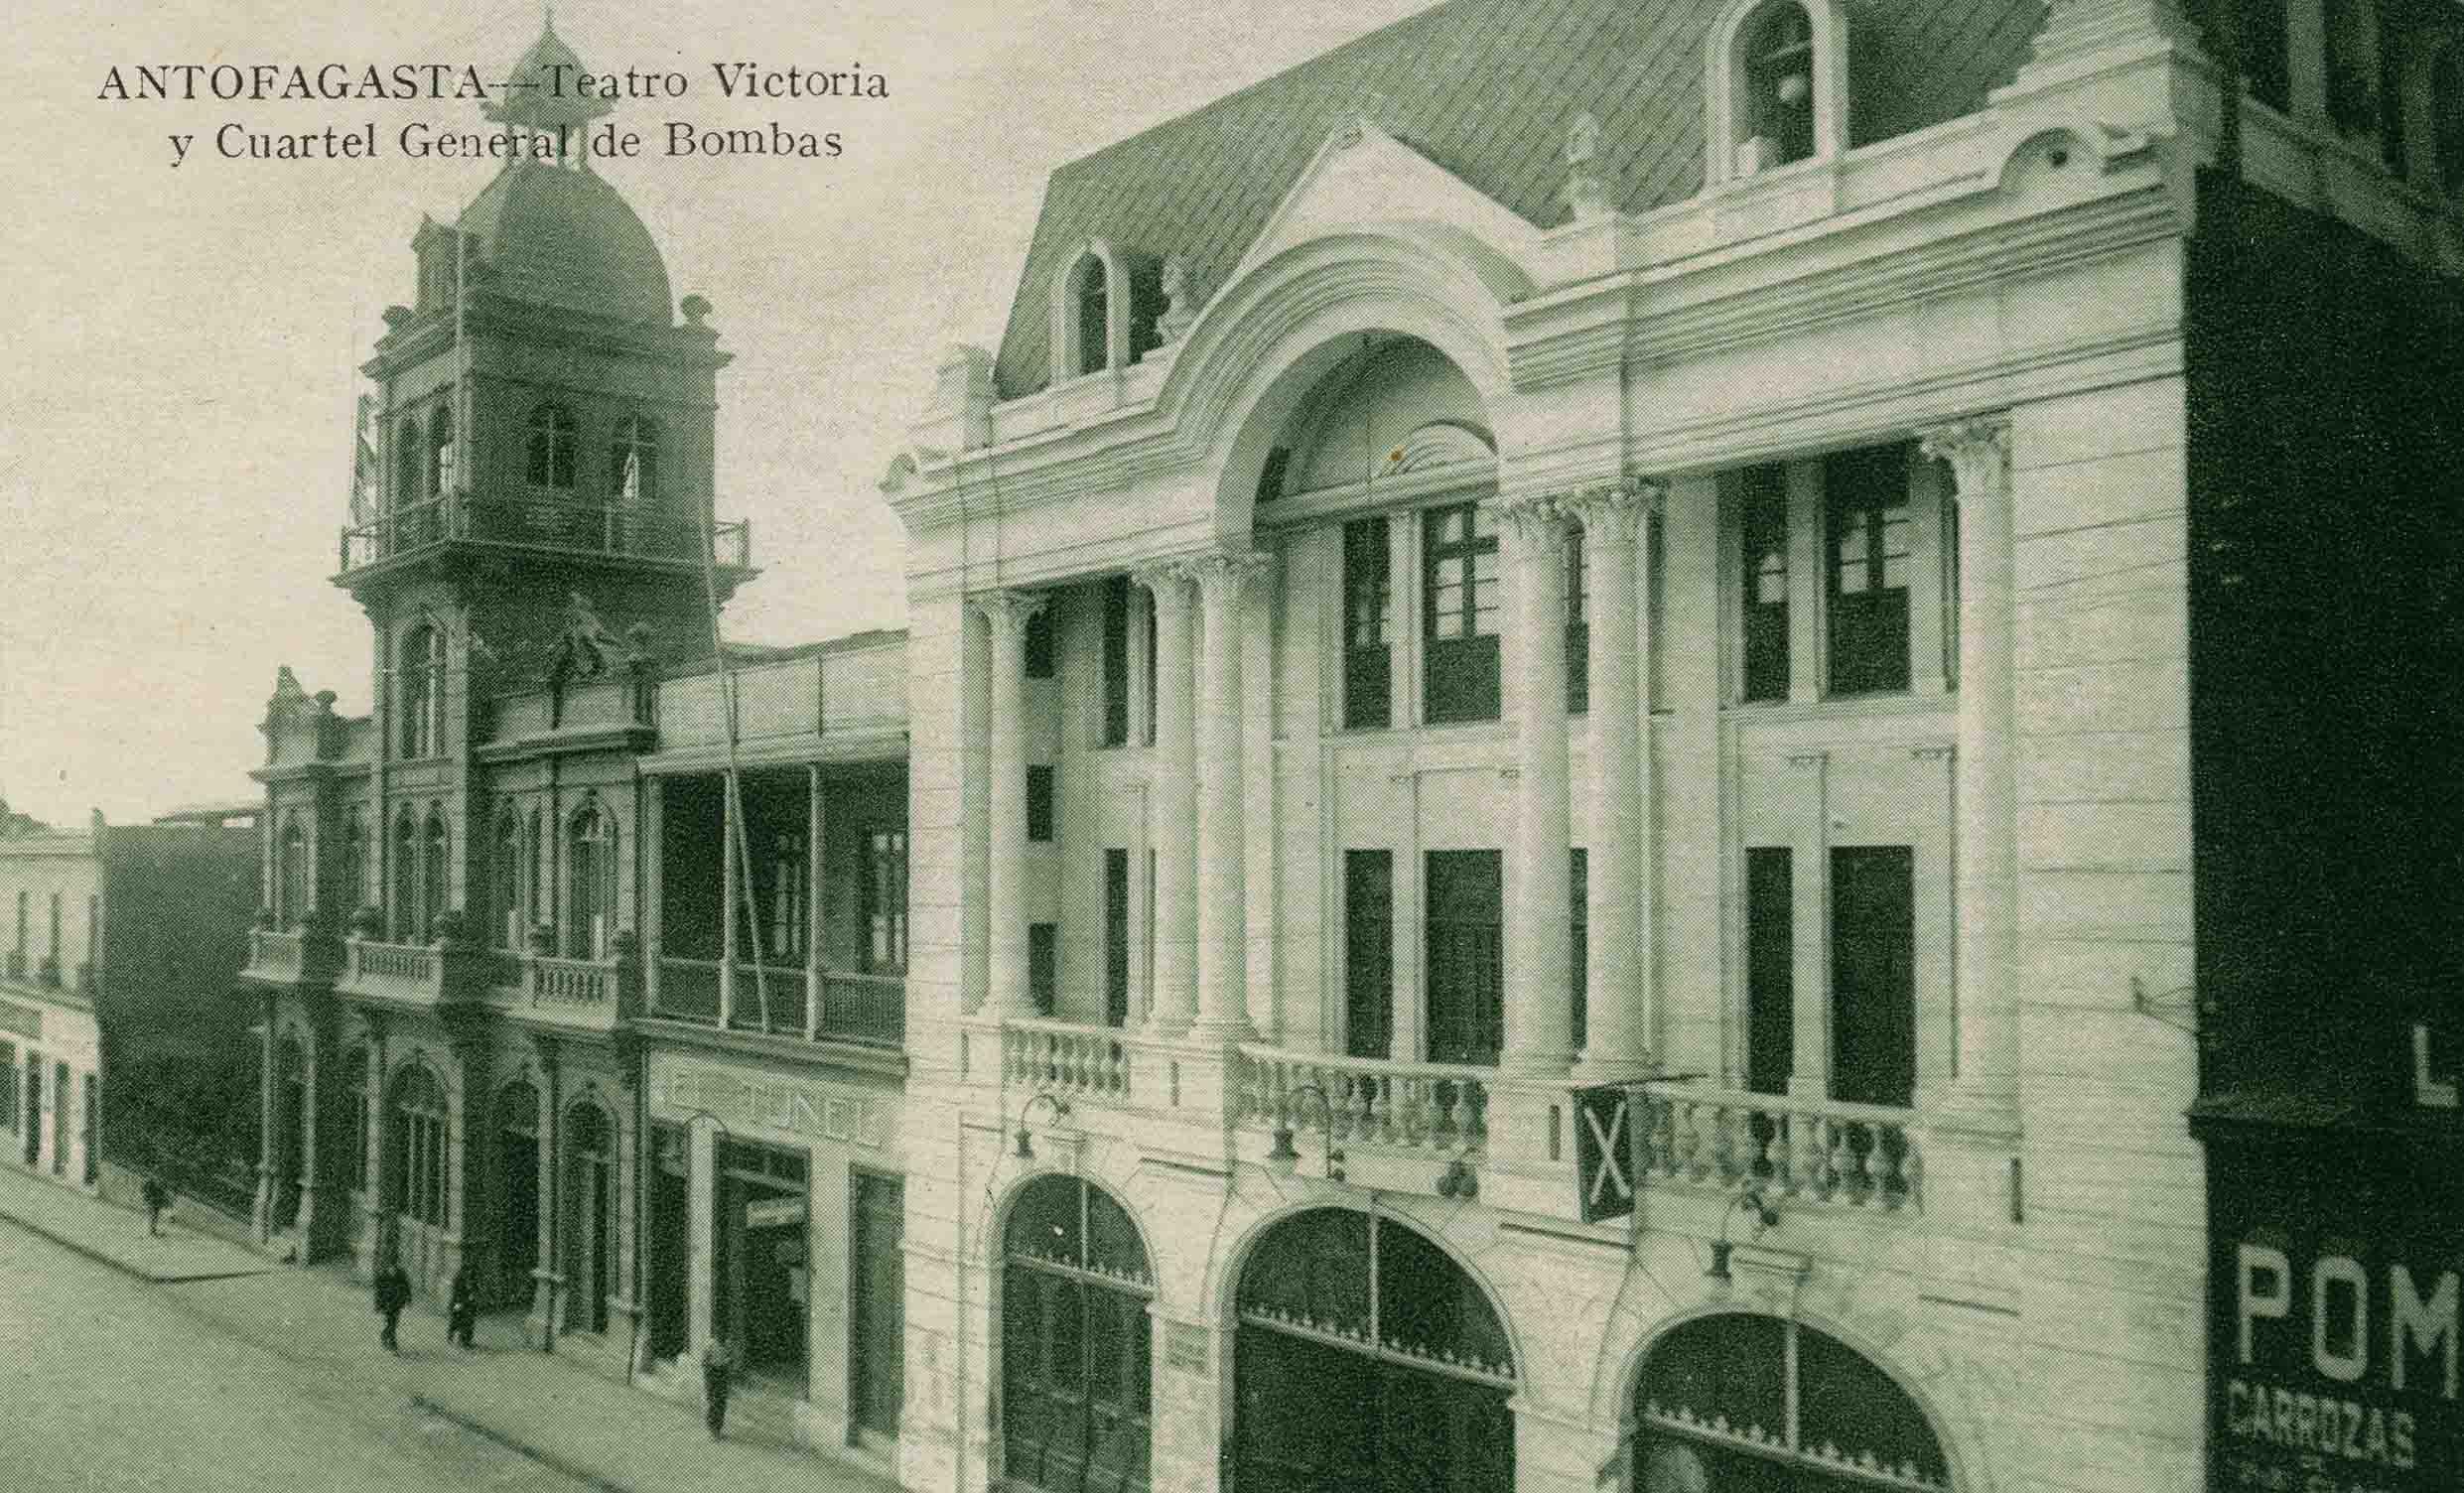 Enterreno - Fotos históricas de chile - fotos antiguas de Chile - Teatro Victoria de Antofagasta en 1920